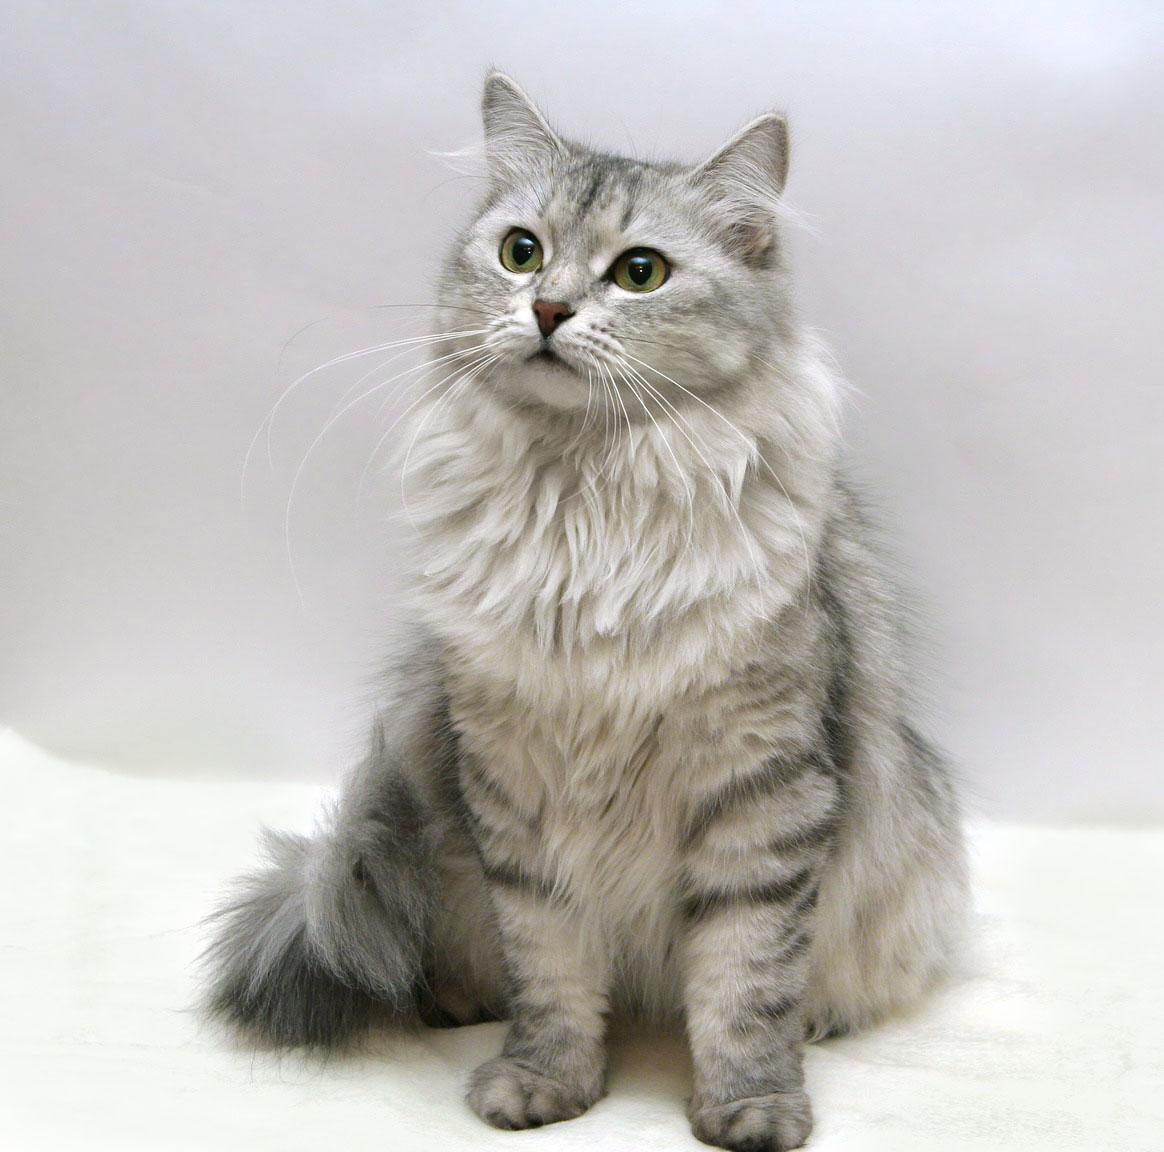 сибирская кошка, породы кошек, кошка